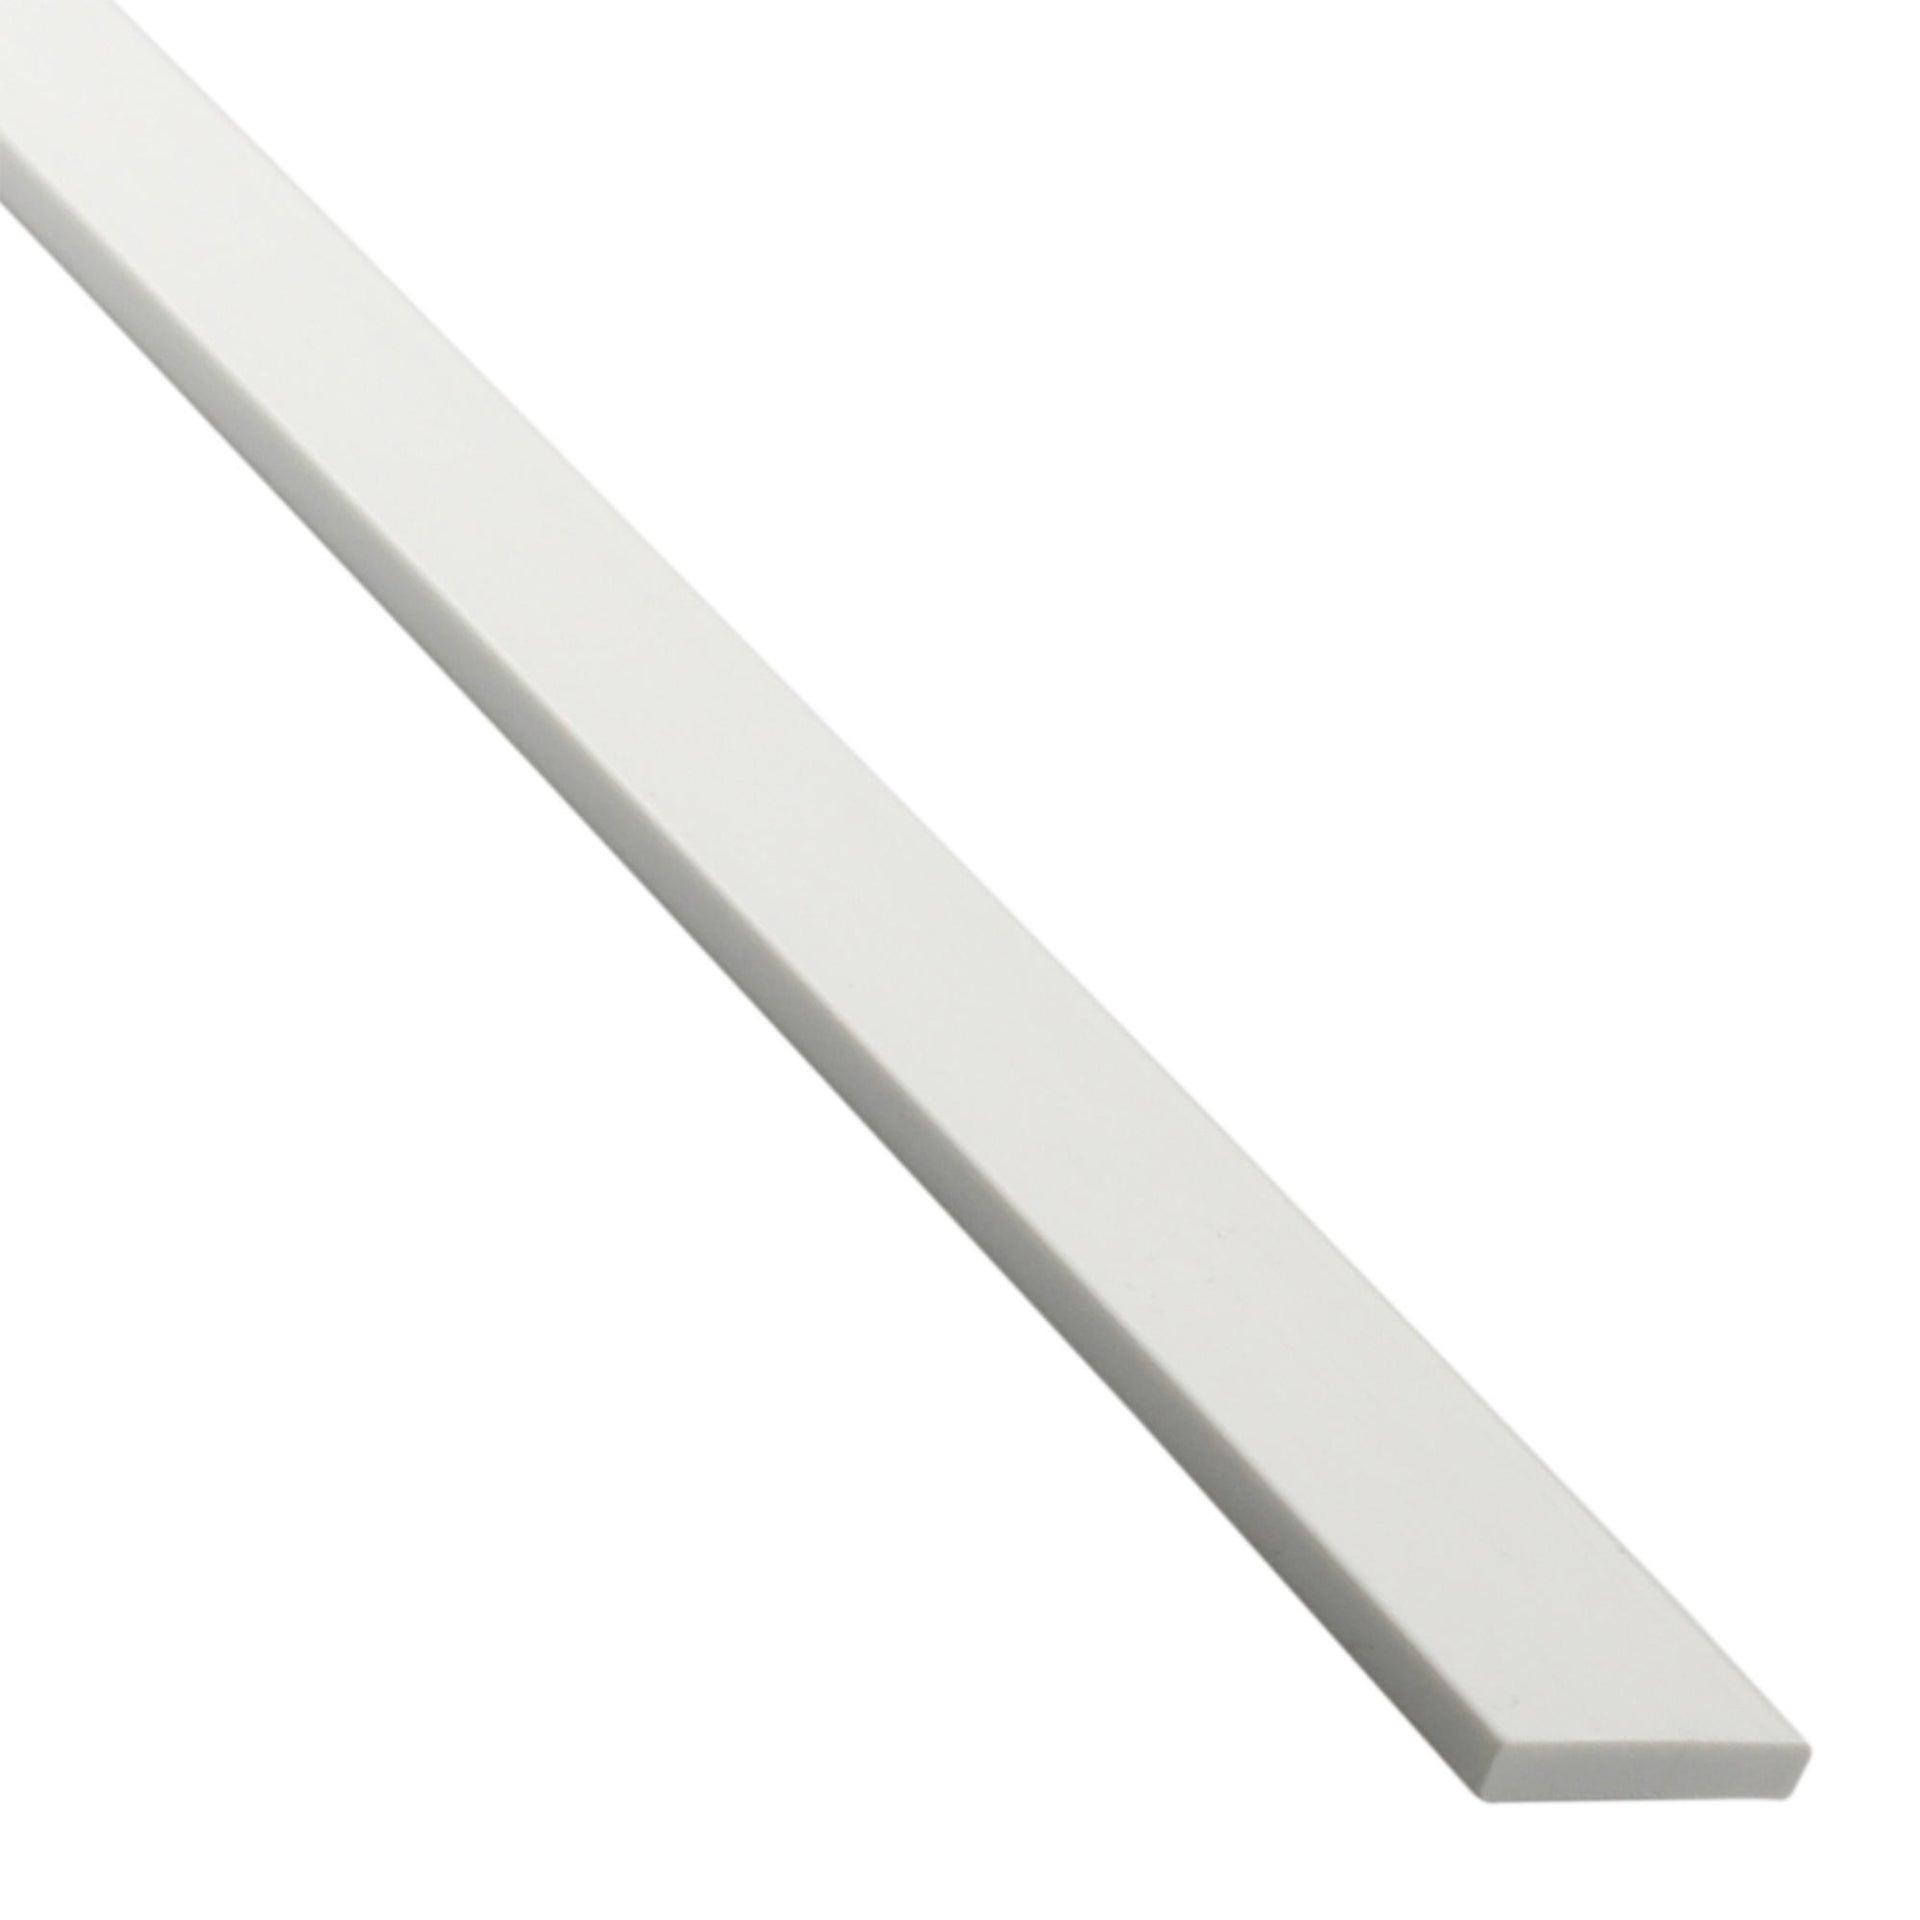 Profilo piatto STANDERS in pvc 2.6 m x 4 cm bianco - 2